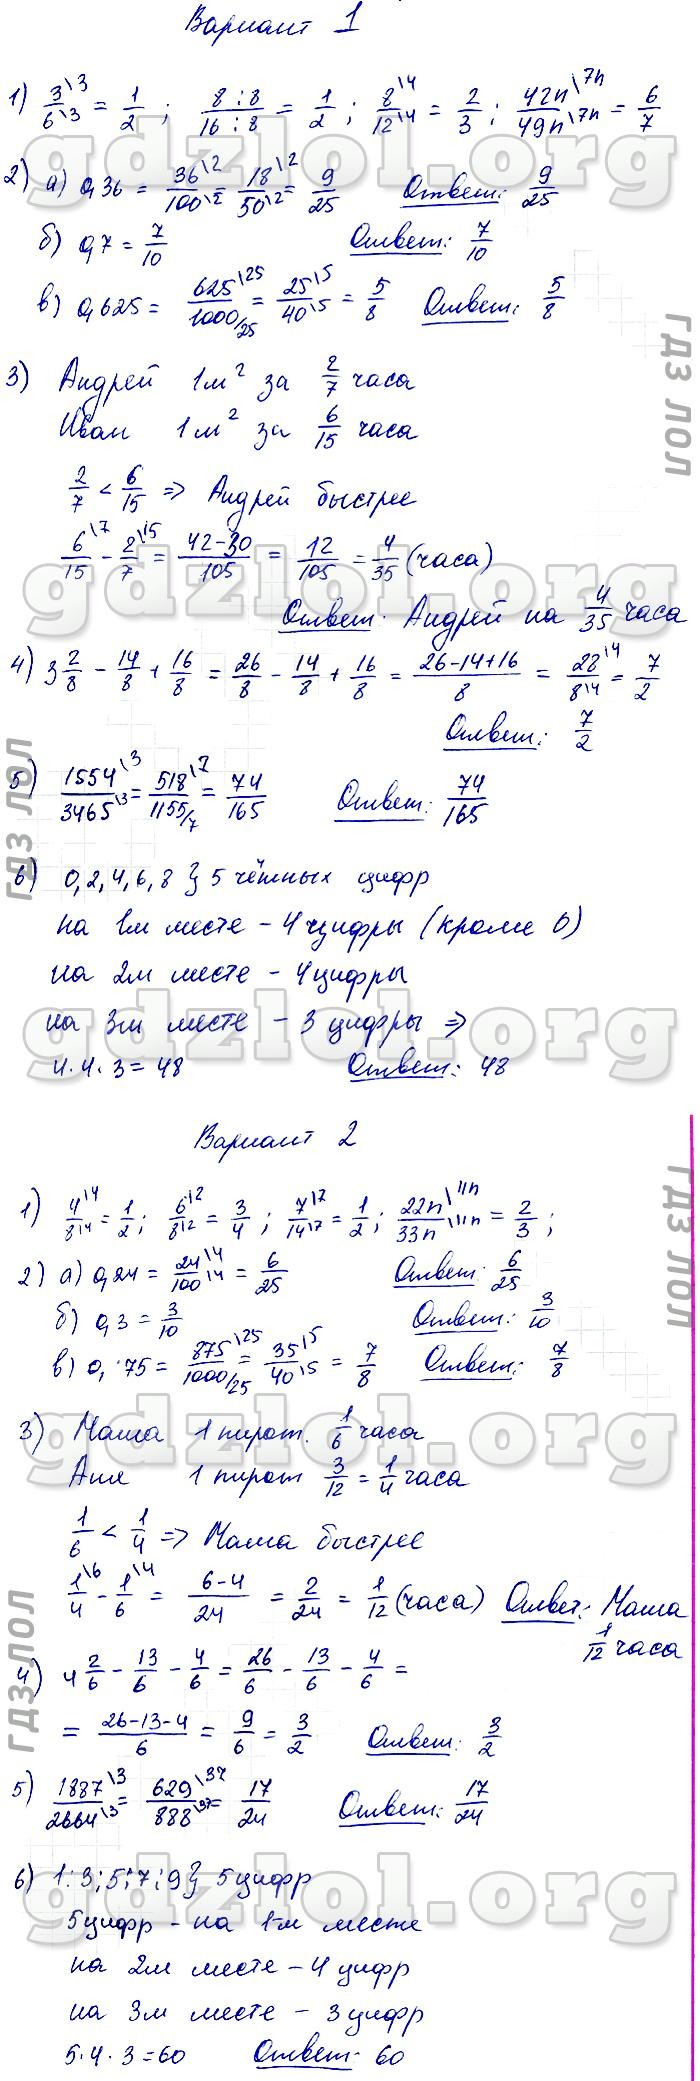 гдз дидактический материал по математике 6 класс мерзляк